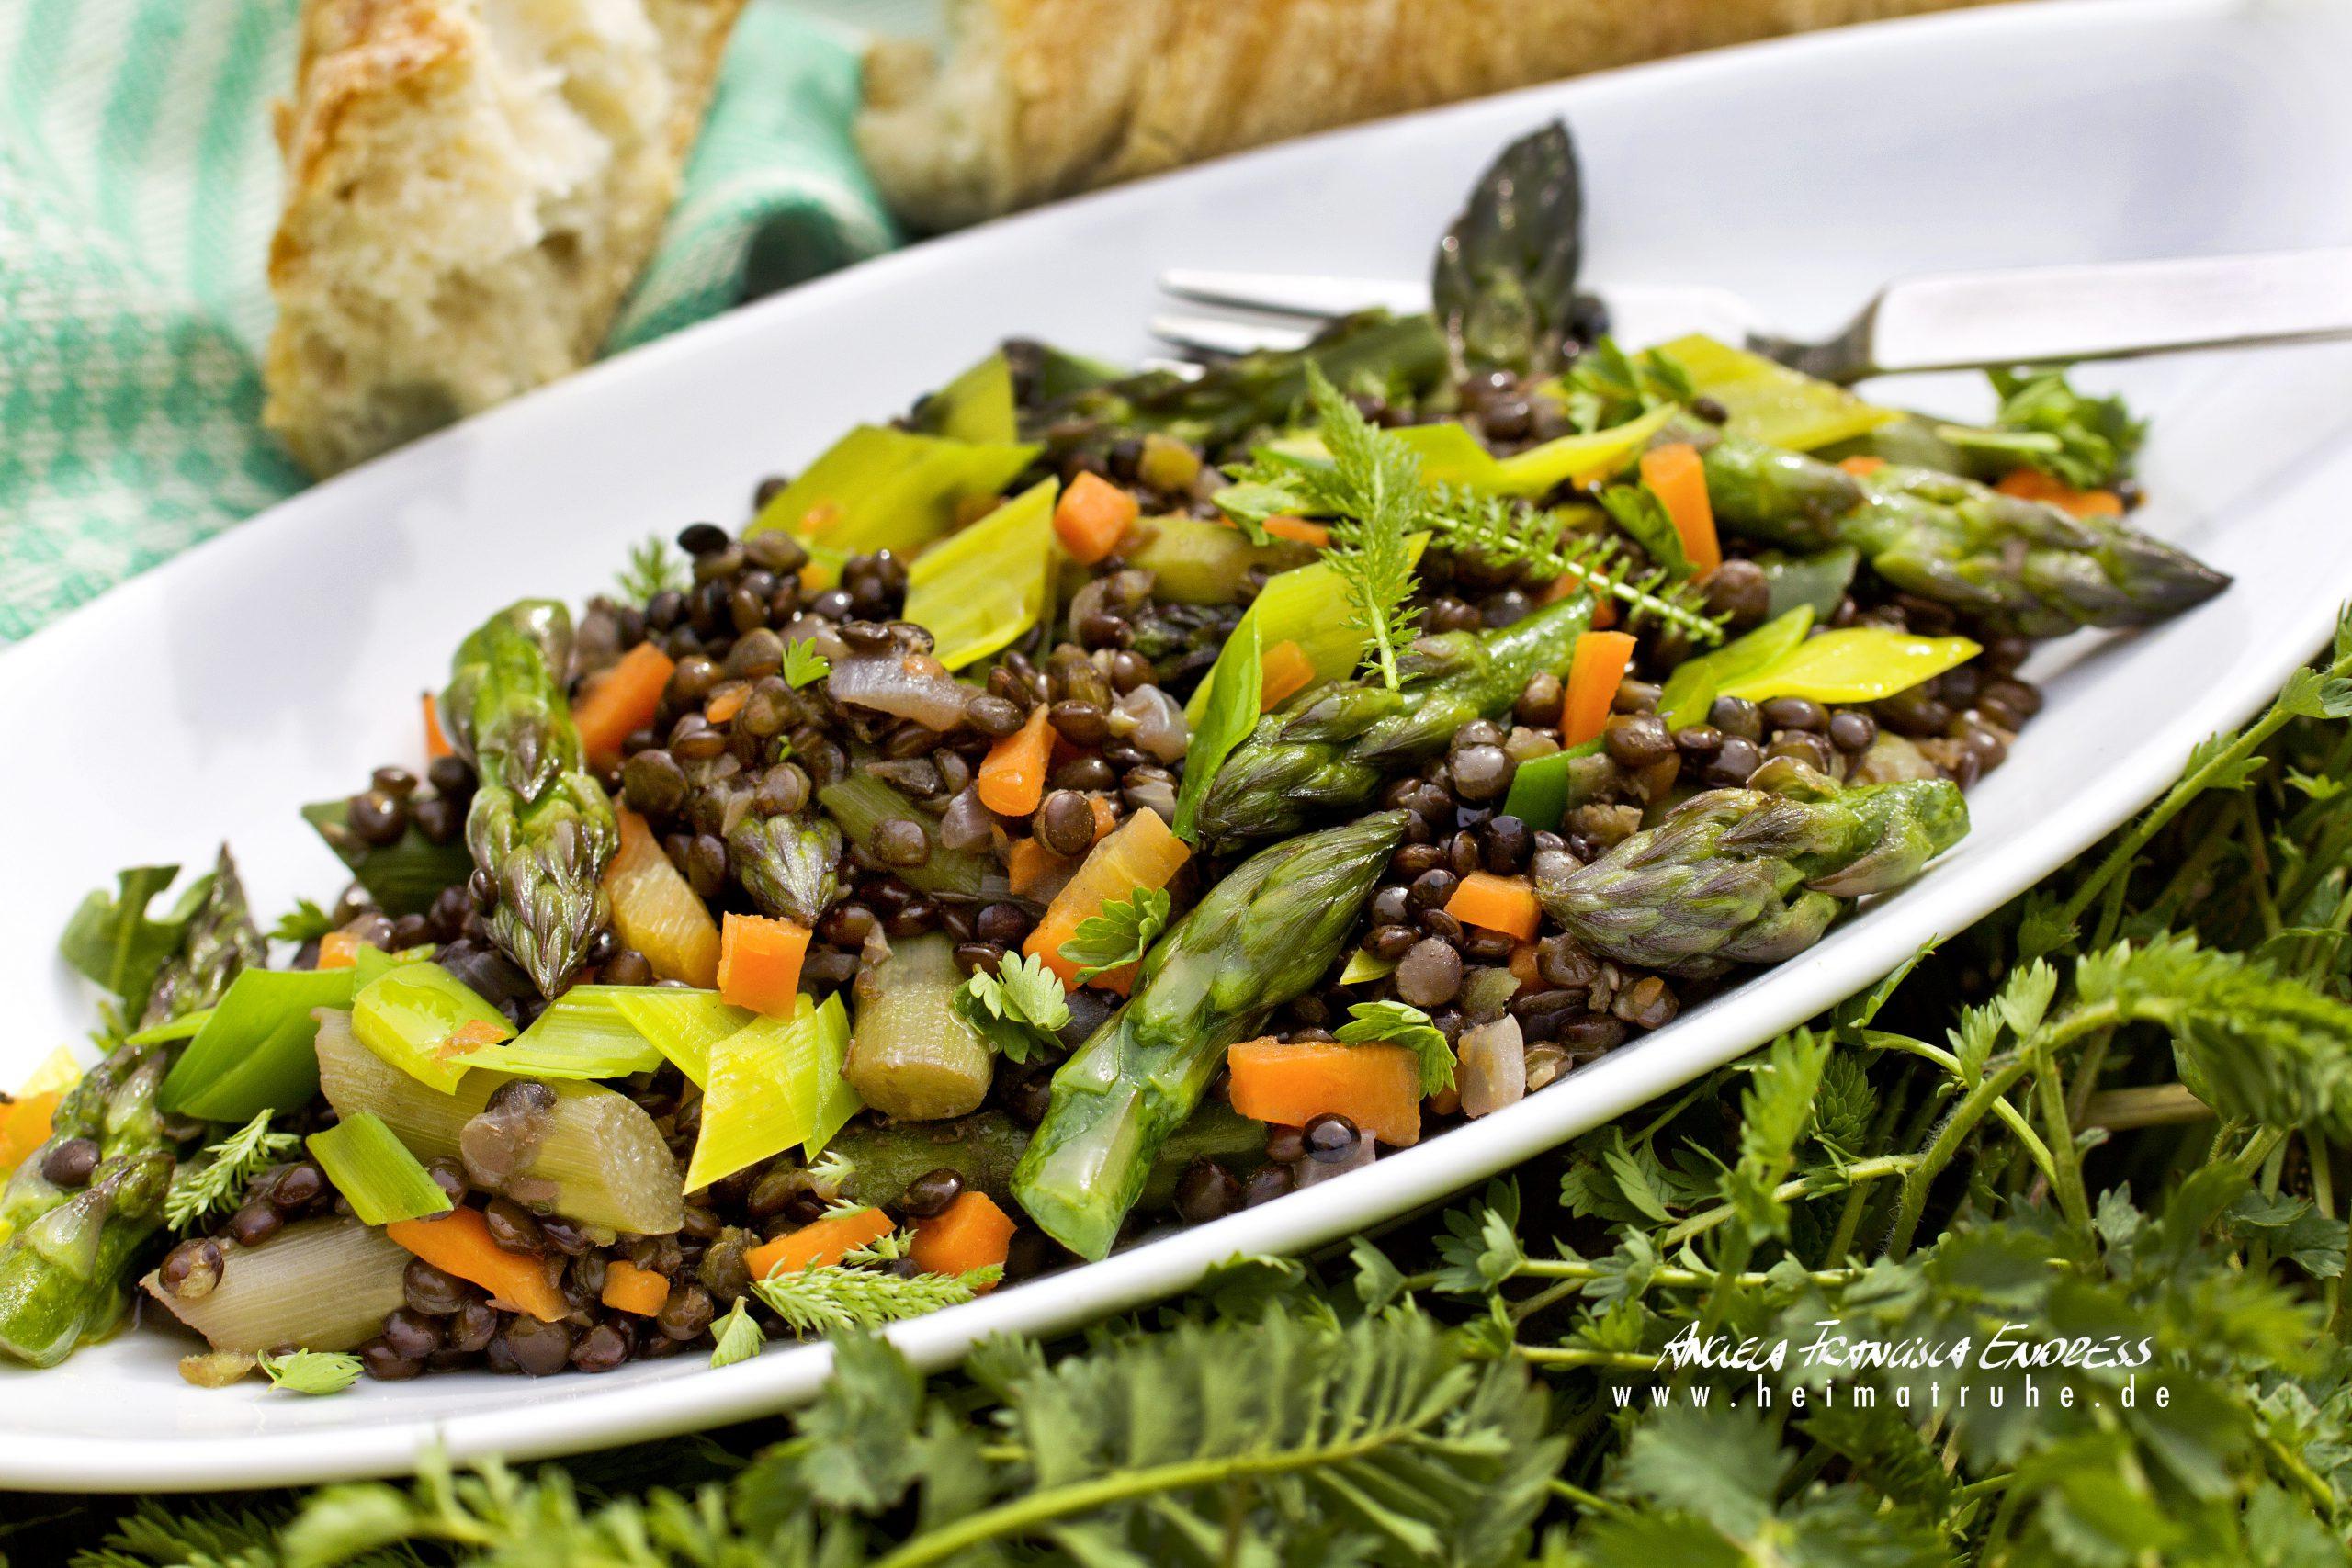 Ackerbohnen-Spargel-Salat von Jürgen Andruschkewitsch (Bioland Restaurant Rose)